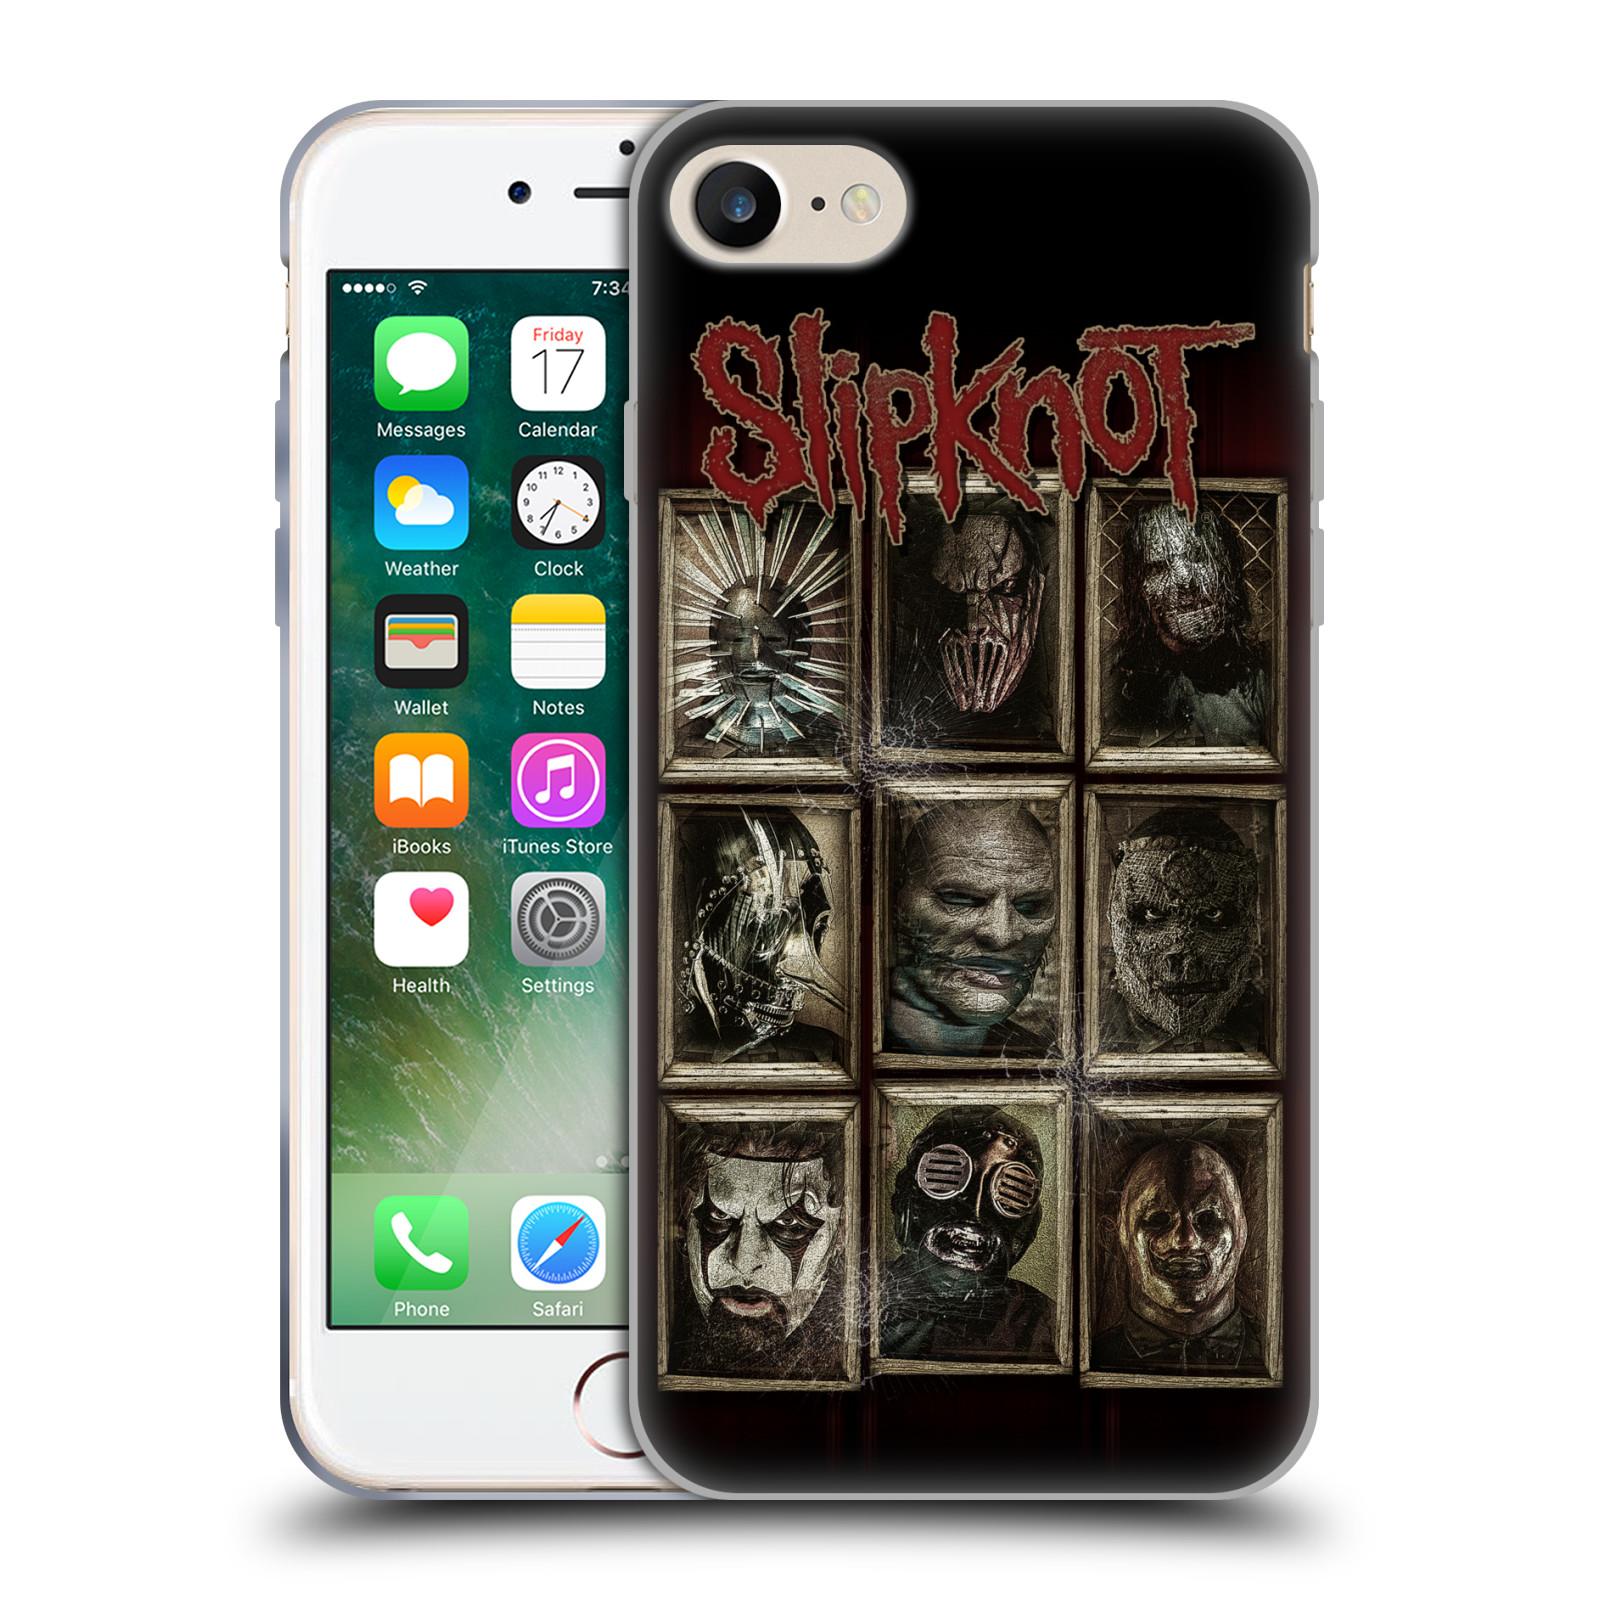 Silikonové pouzdro na mobil Apple iPhone 8 - Head Case - Slipknot - Masky (Silikonový kryt či obal na mobilní telefon Apple iPhone 8 s motivem Slipknot - Masky)